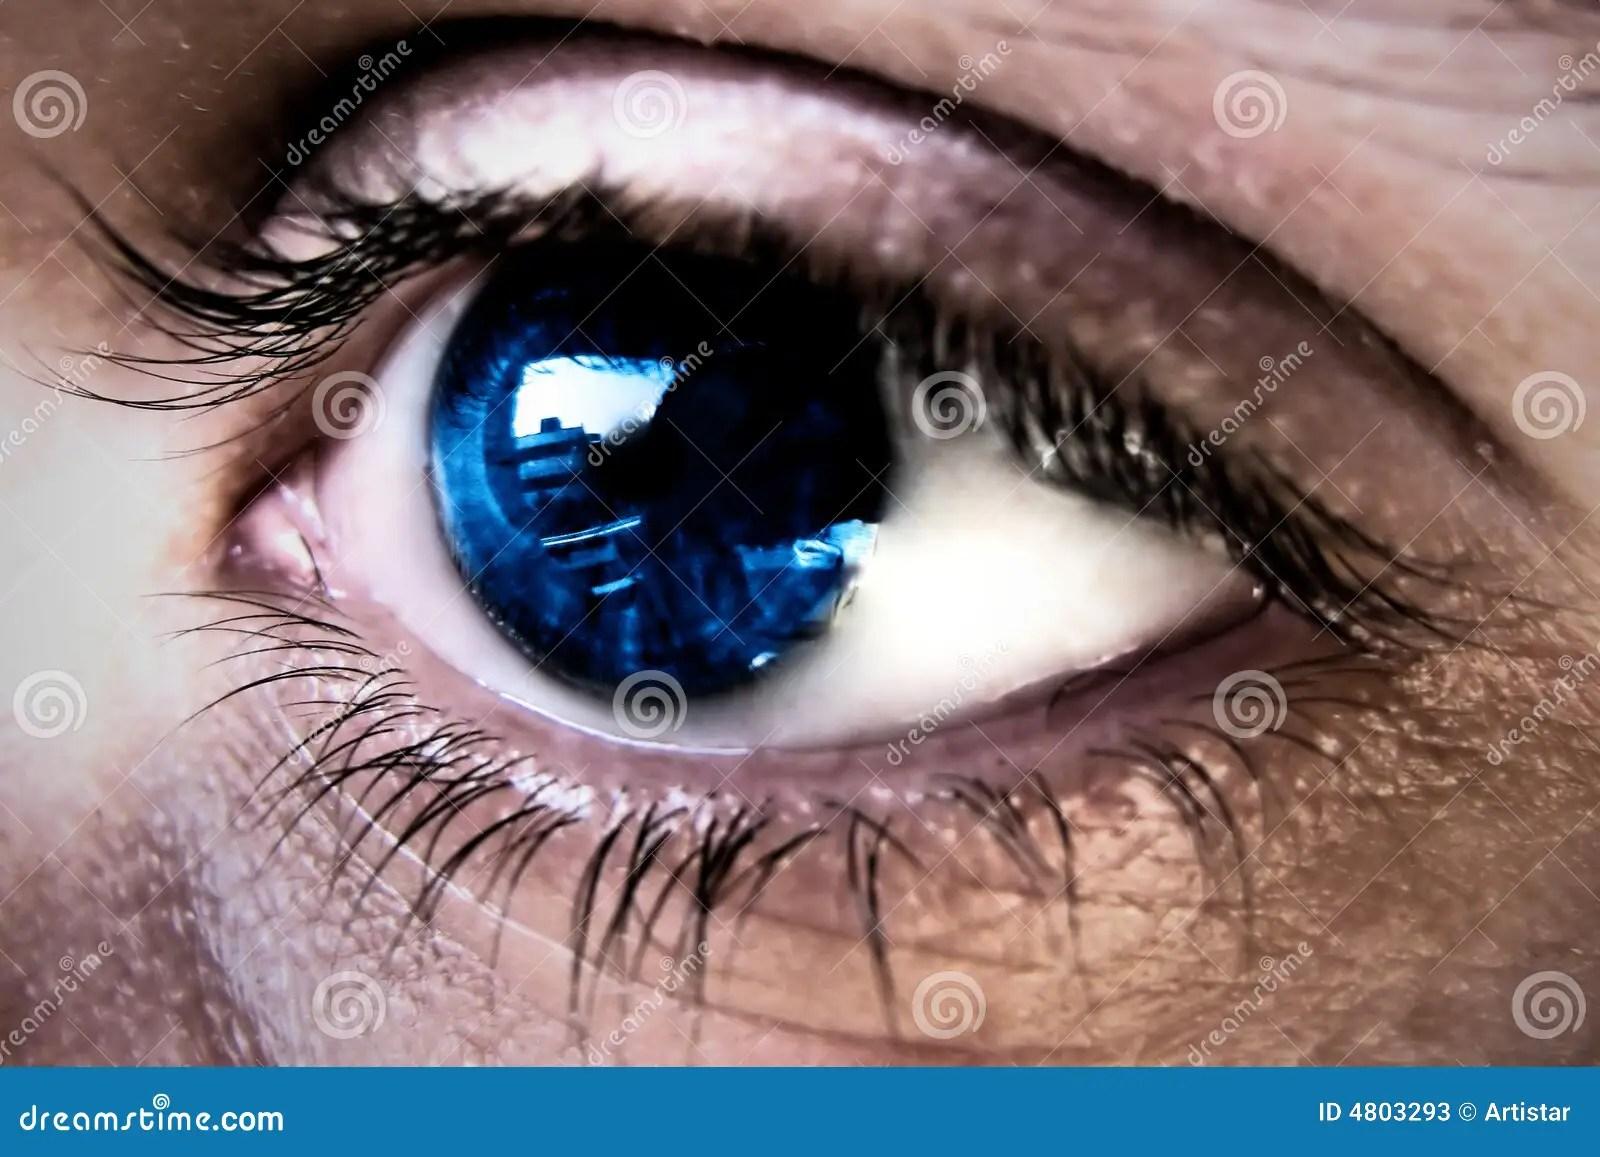 Eye Reflection Stock Image Image Of Cara Reflection